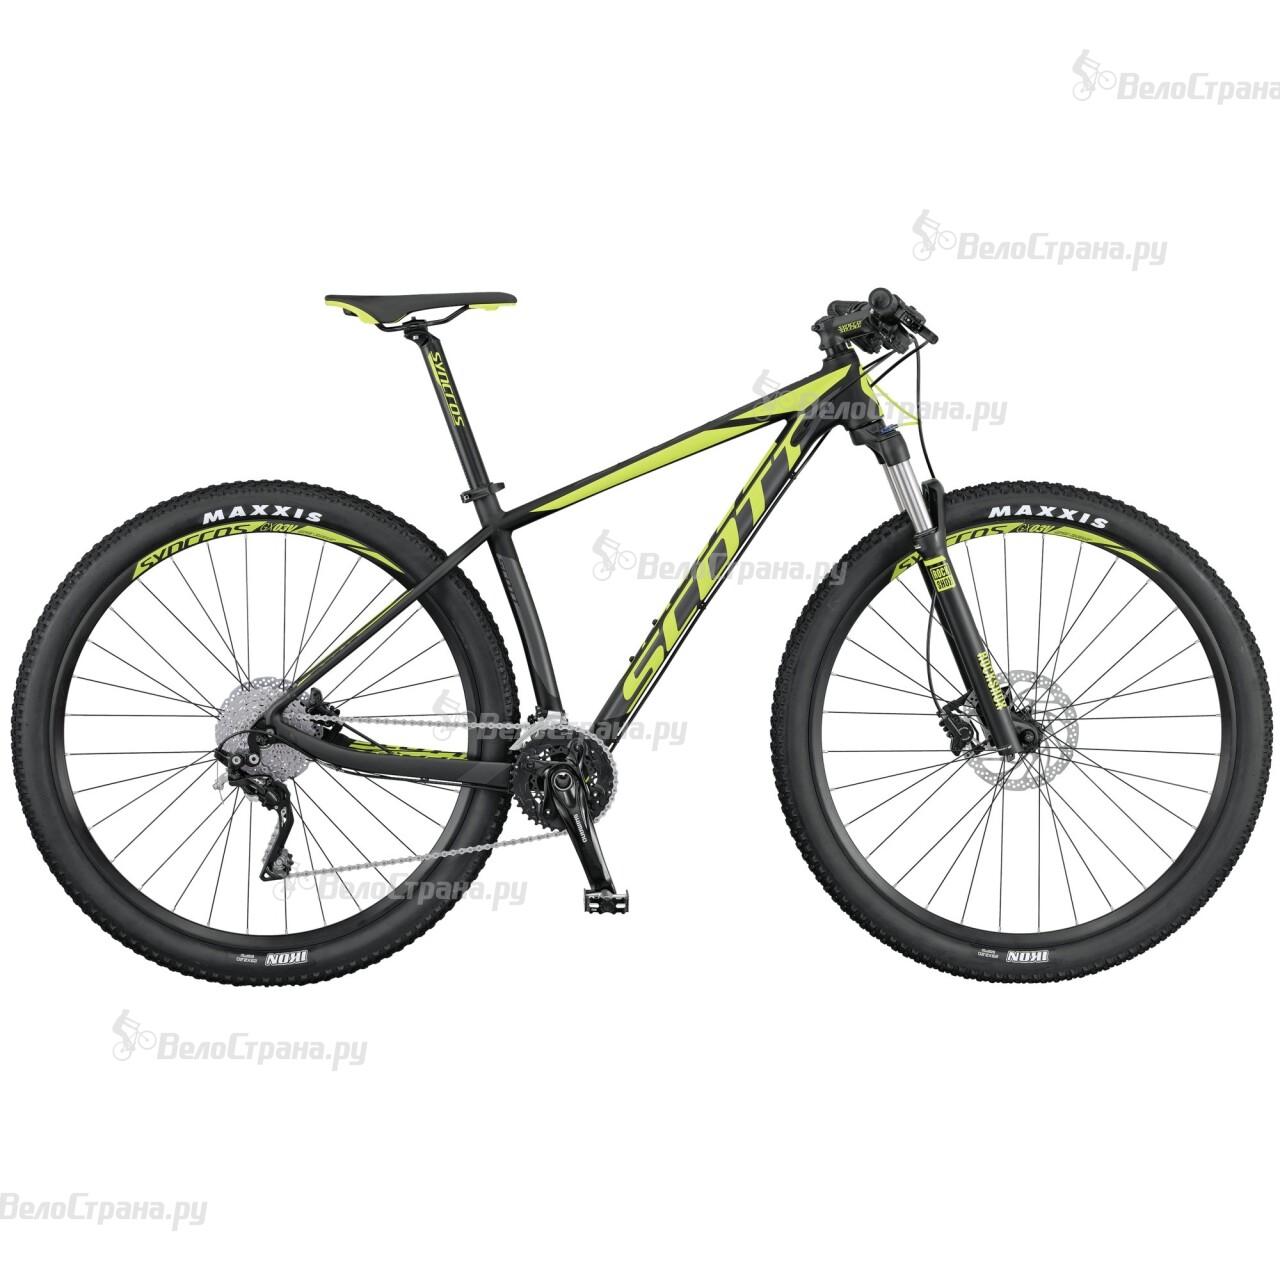 Велосипед Scott Scale 760 (2016) велосипед scott scale junior 26 2016